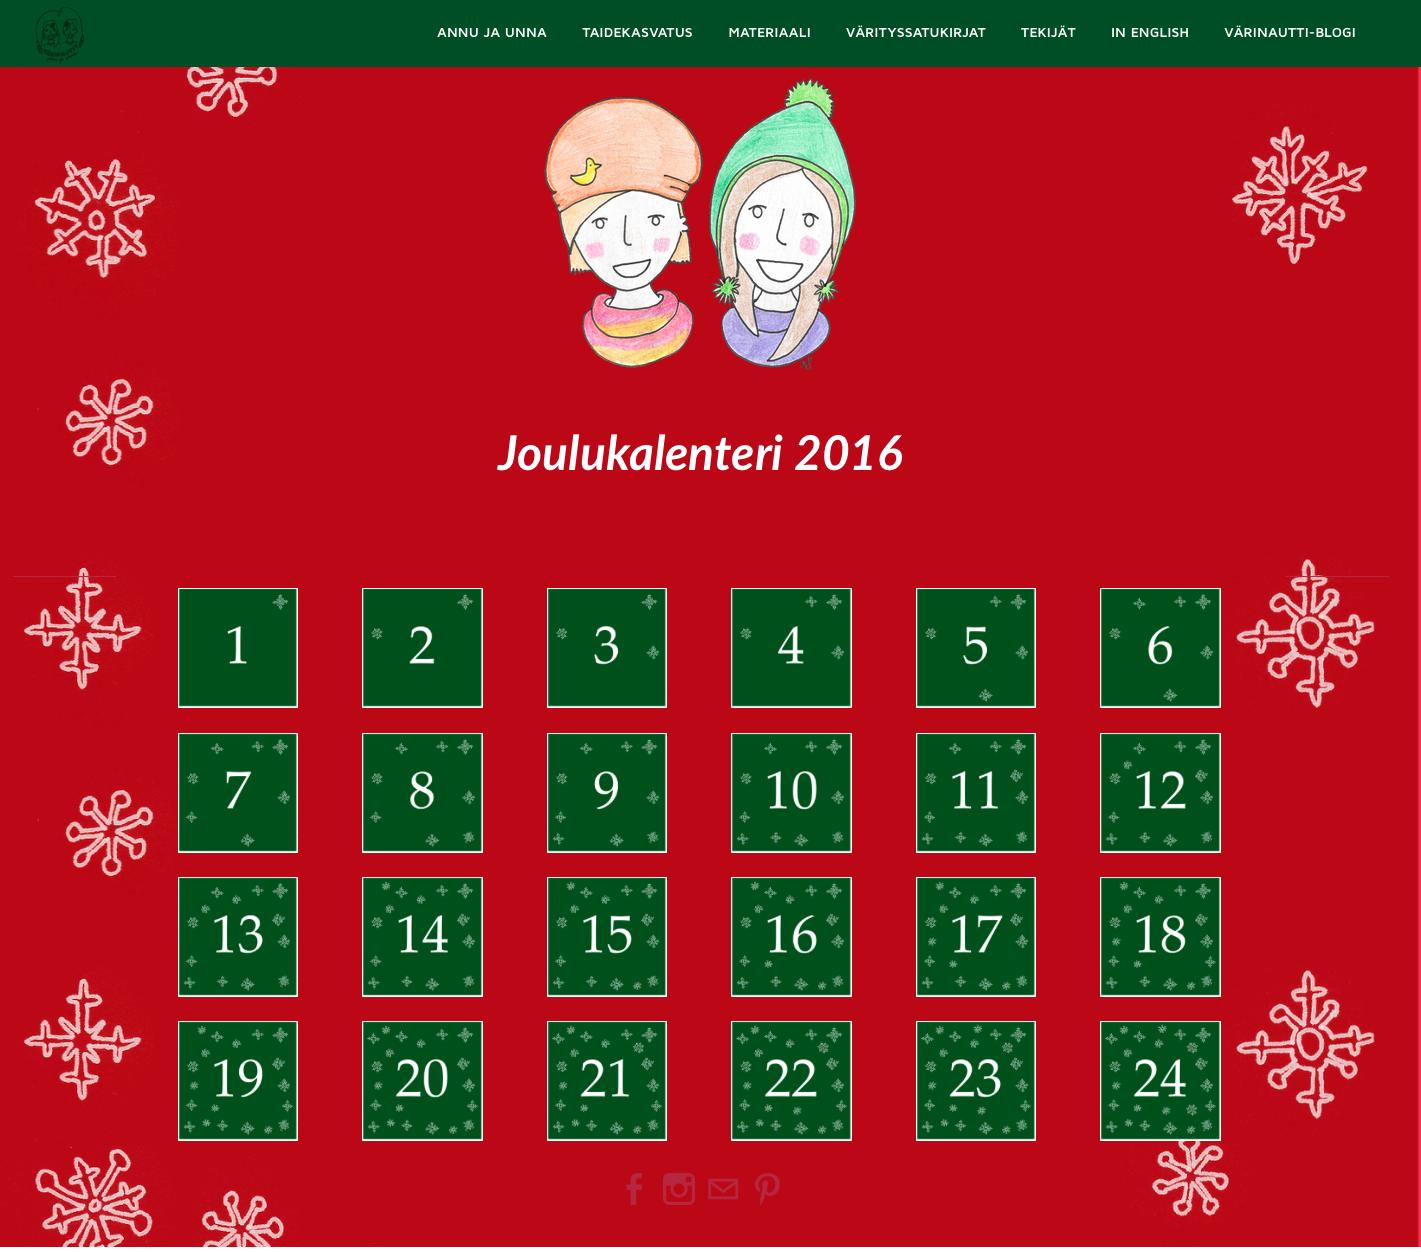 Värinauttien joulukalenteri 2016. Joka päivä uusi tarina ja värityskuva.